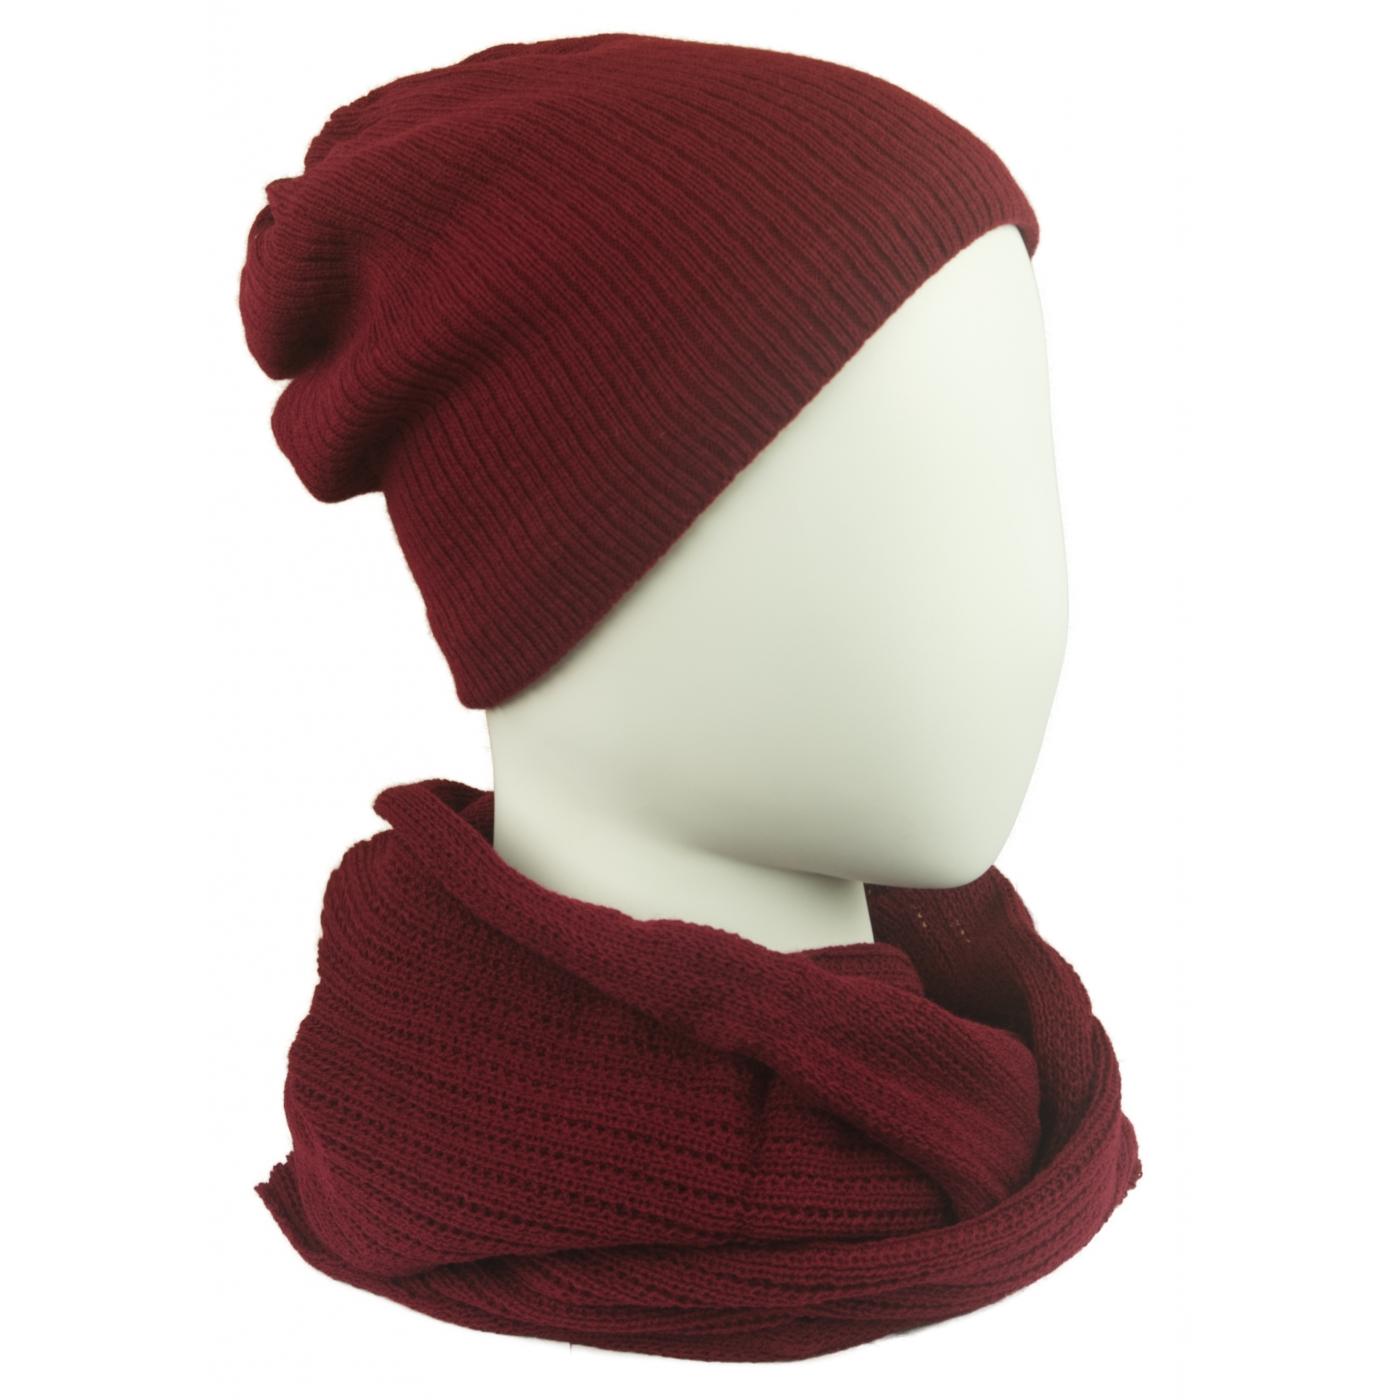 Komplet damski czapka na polarze i komin - bordowy